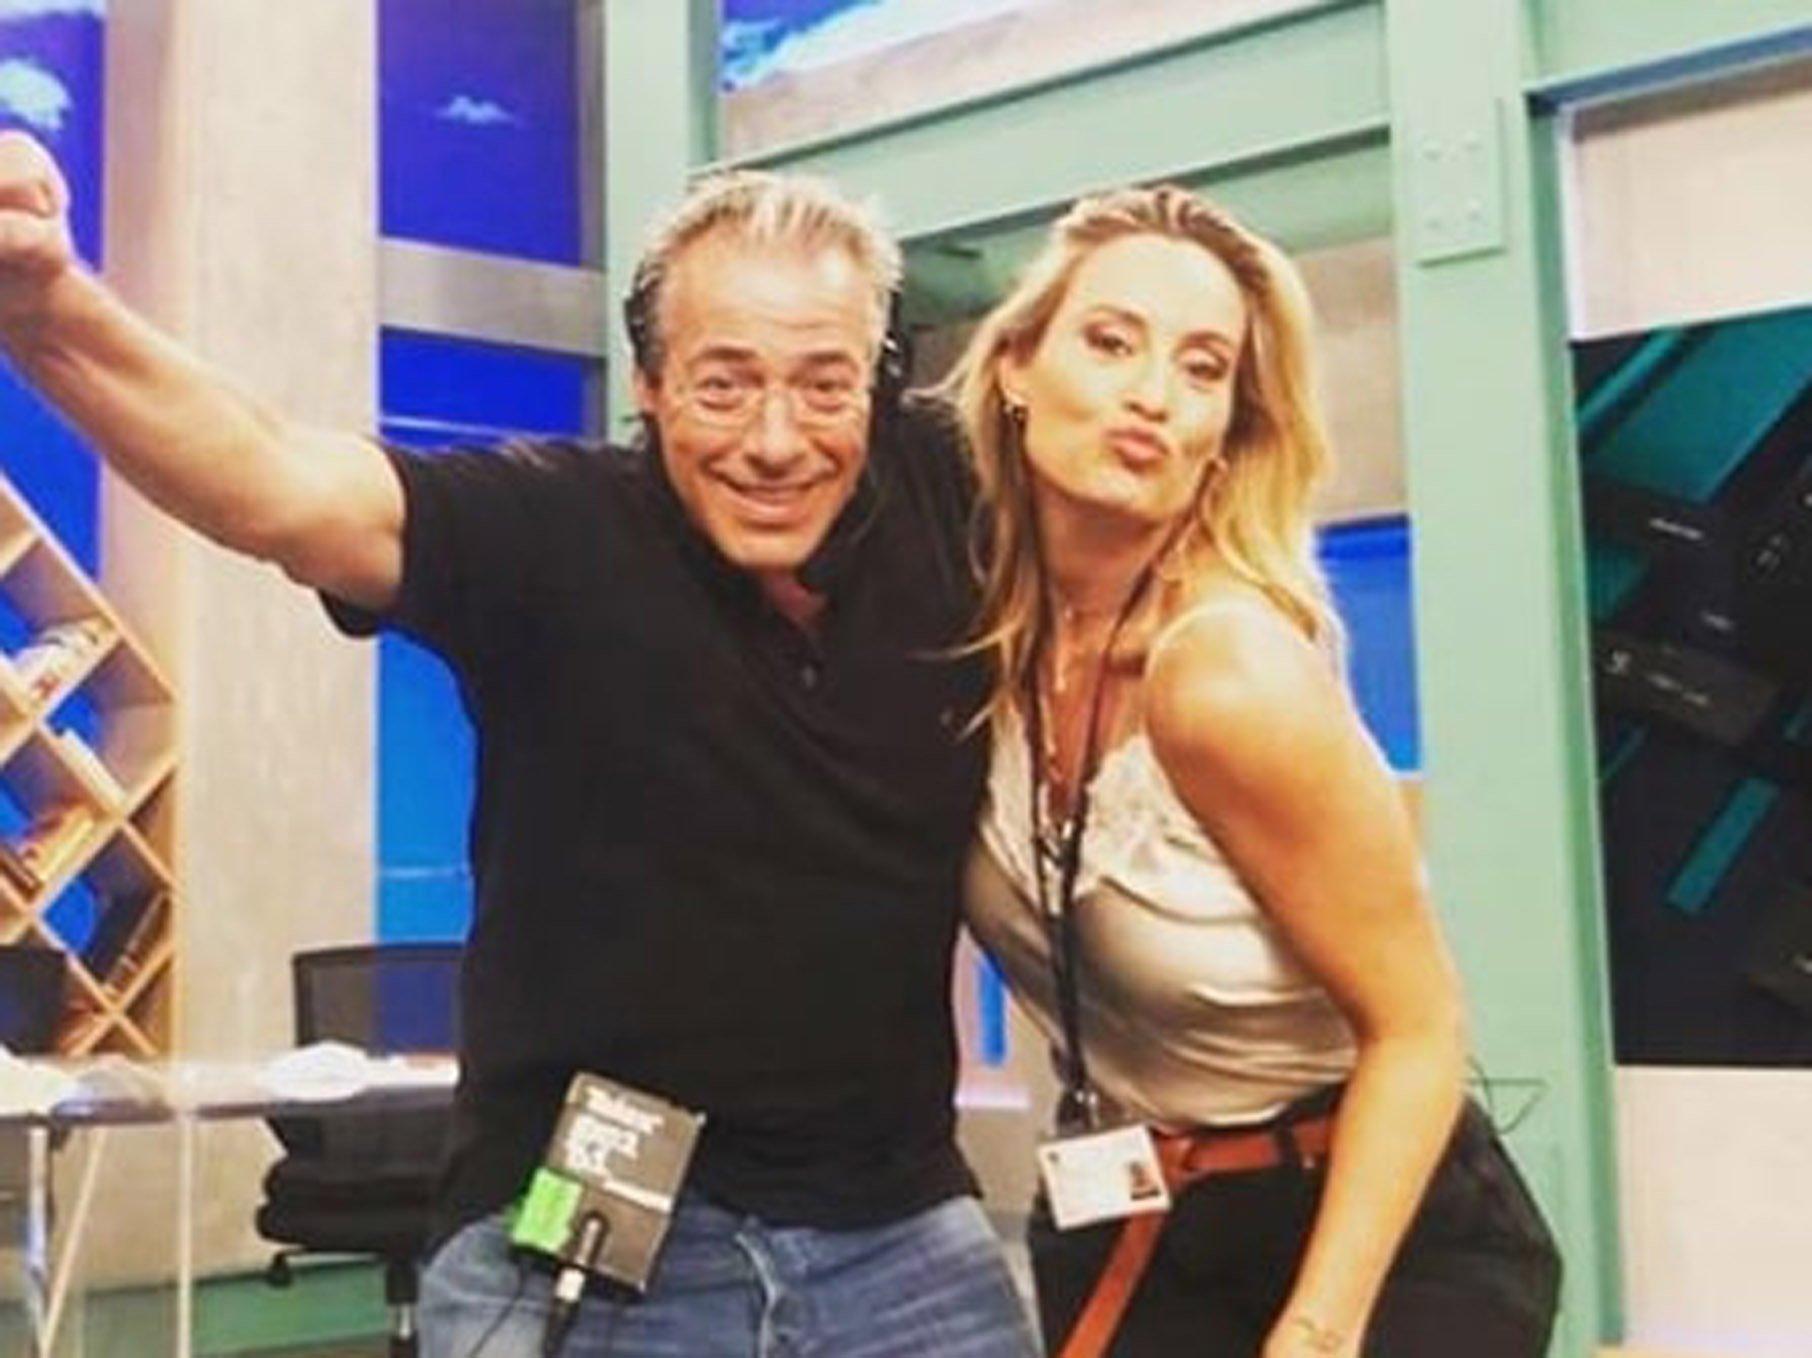 Ελεονώρα Μελέτη εκπομπή: Απαντά για την κόντρα της με τον Νίκο Μάνεση | Ειδησεις